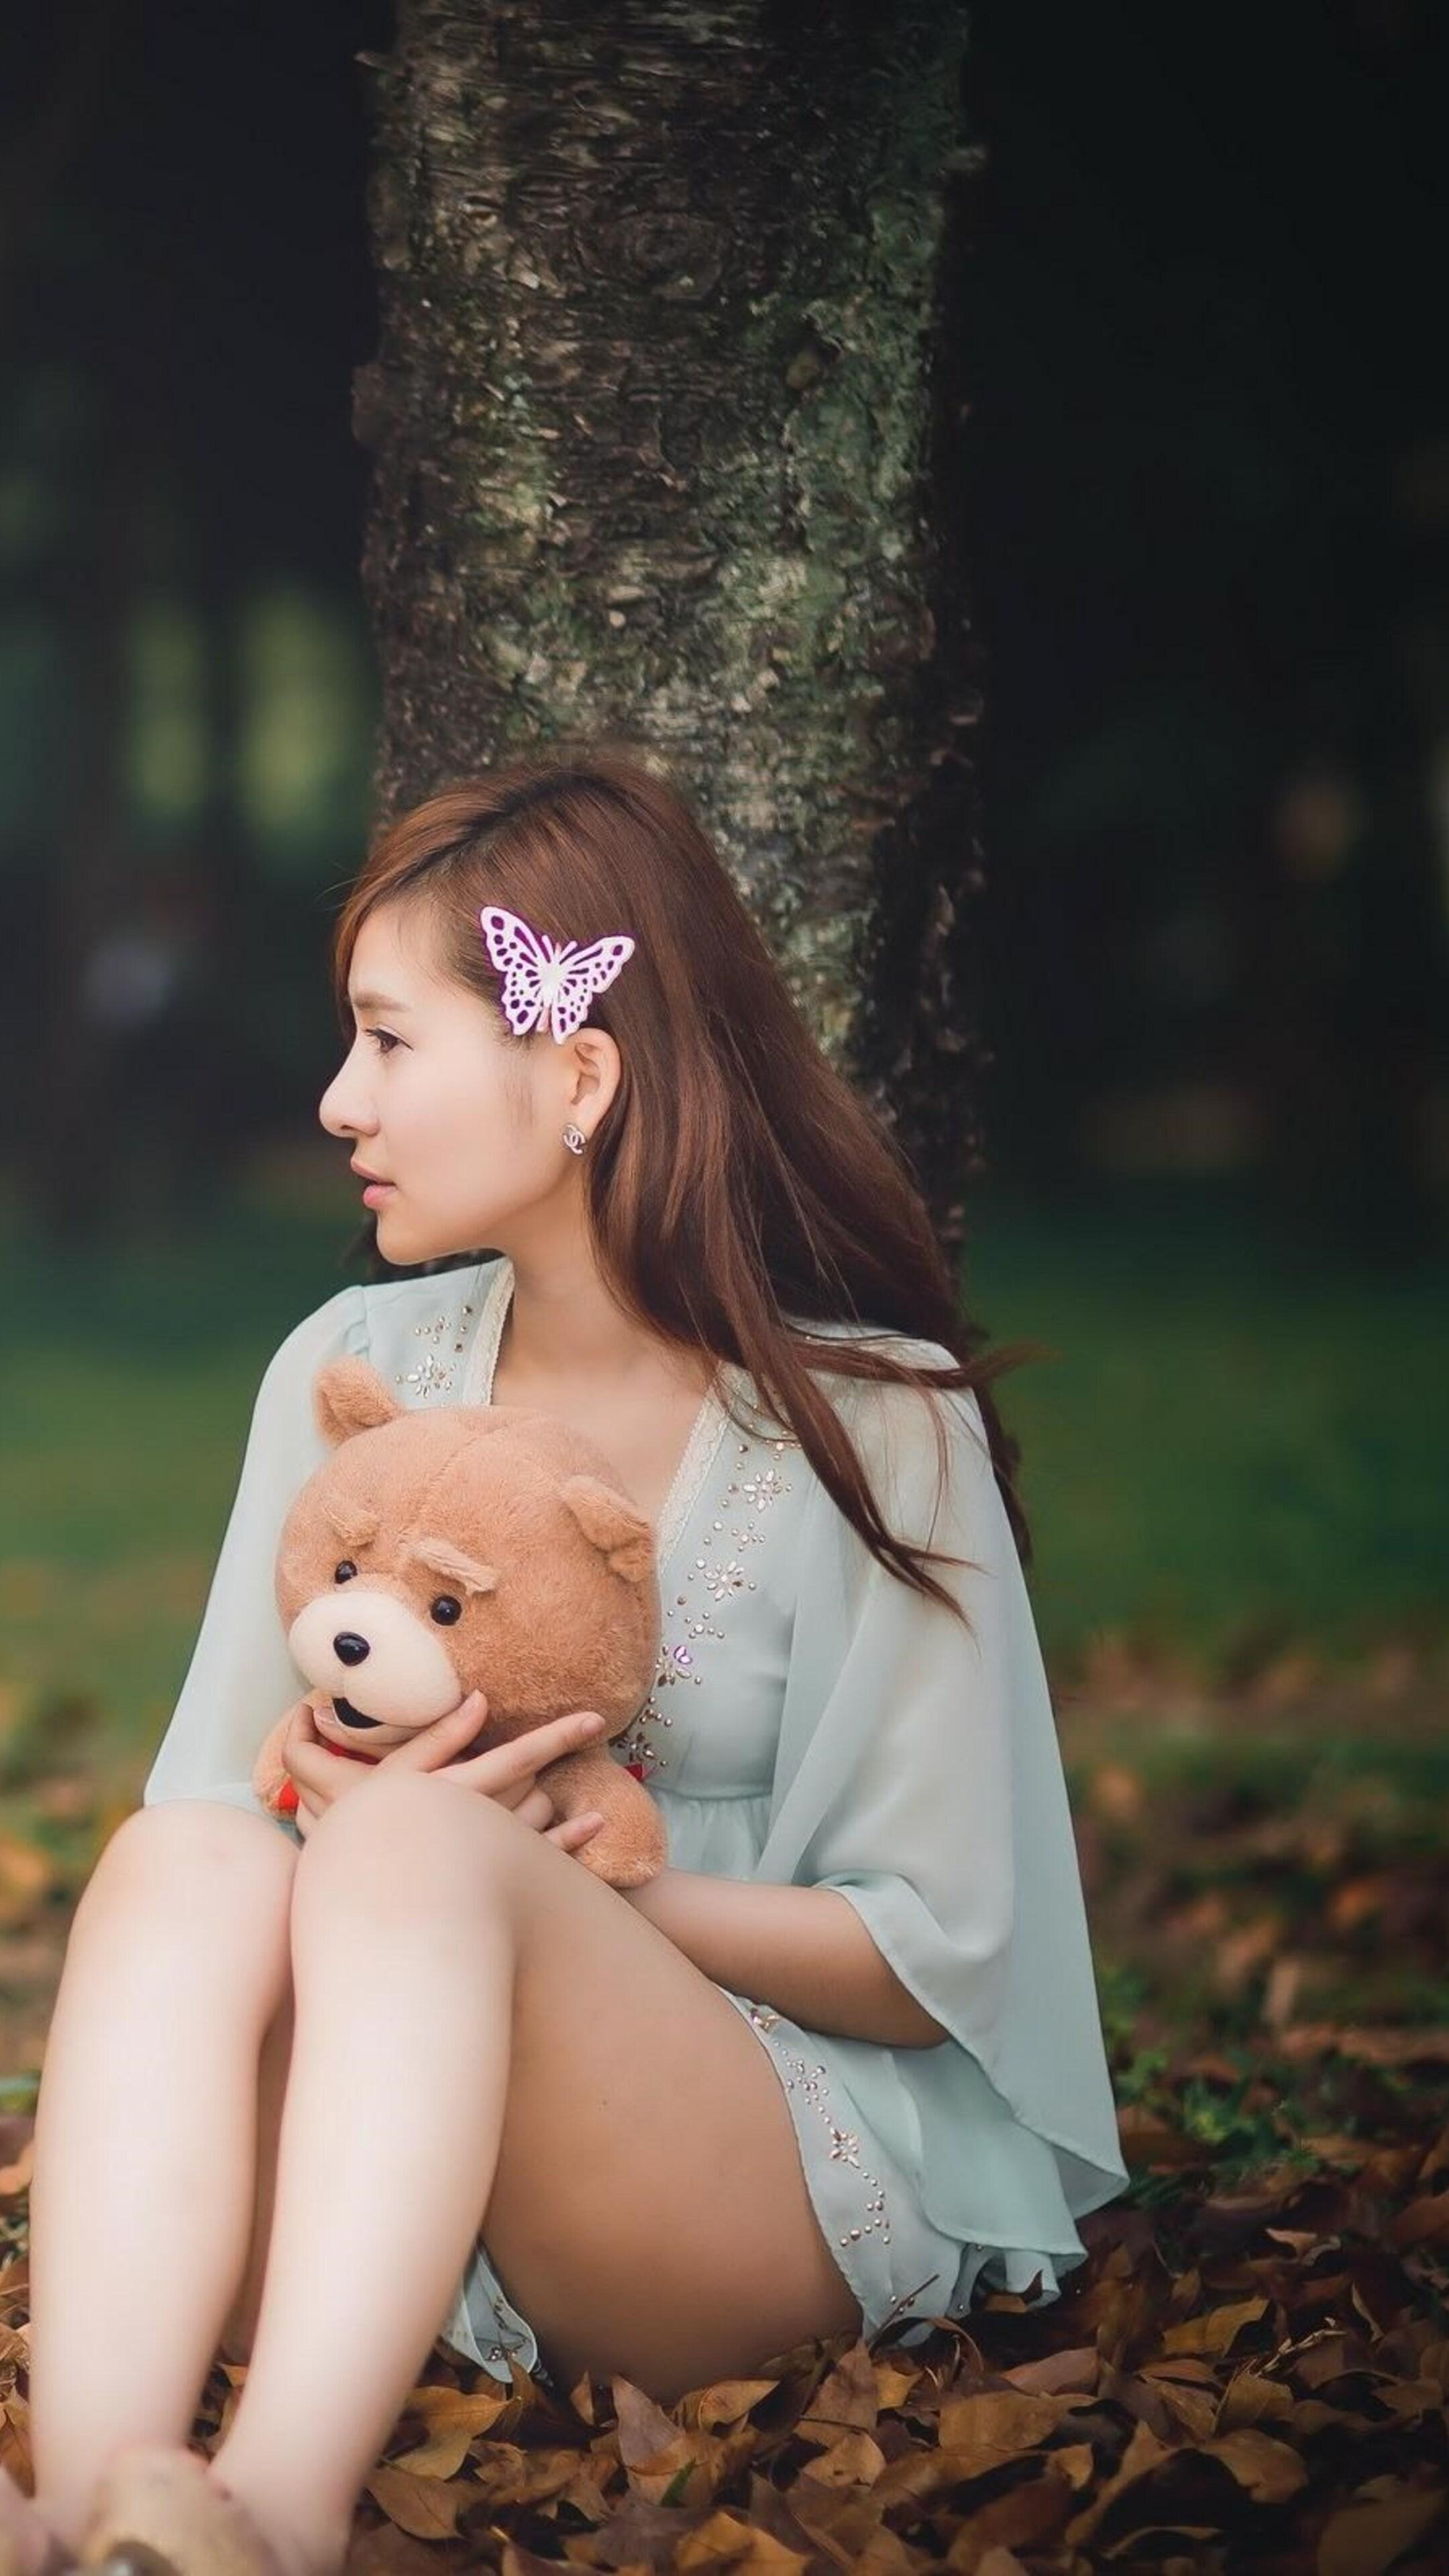 sitting-alone-with-teddy-bear.jpg